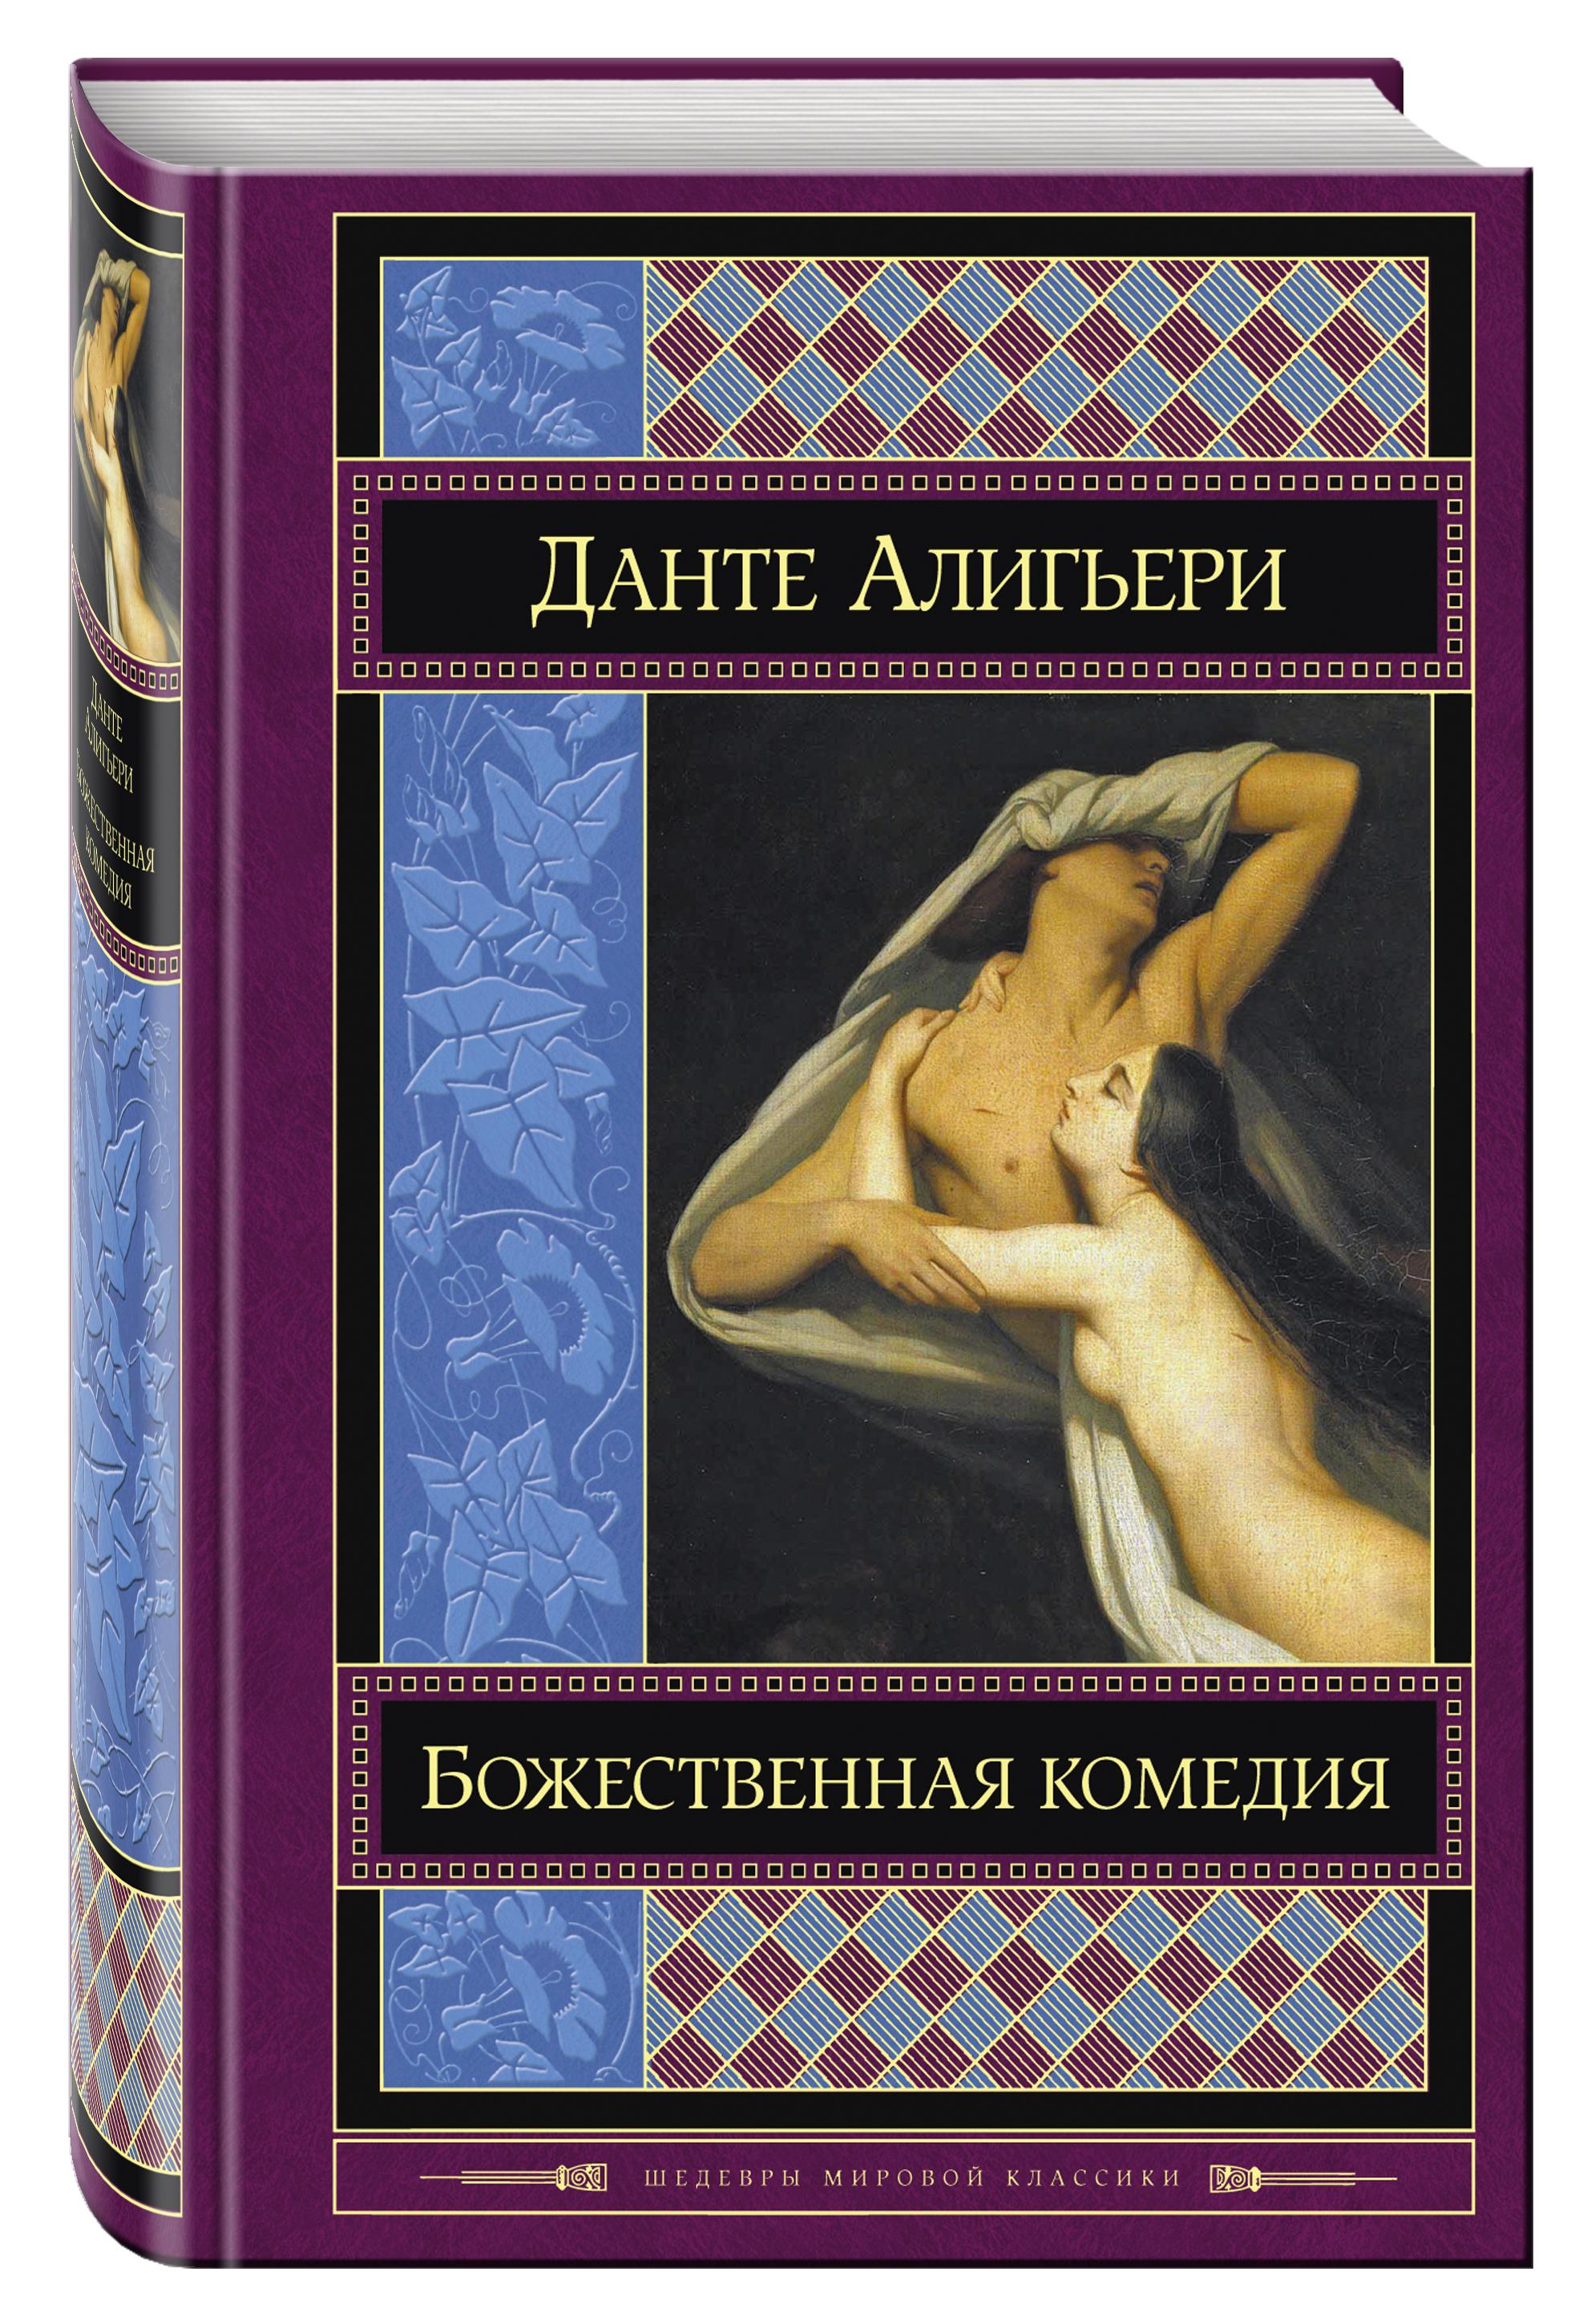 Данте Алигьери Божественная комедия ISBN: 978-5-699-88536-7 алигьери данте божественная комедия isbn 978 5 699 91526 2